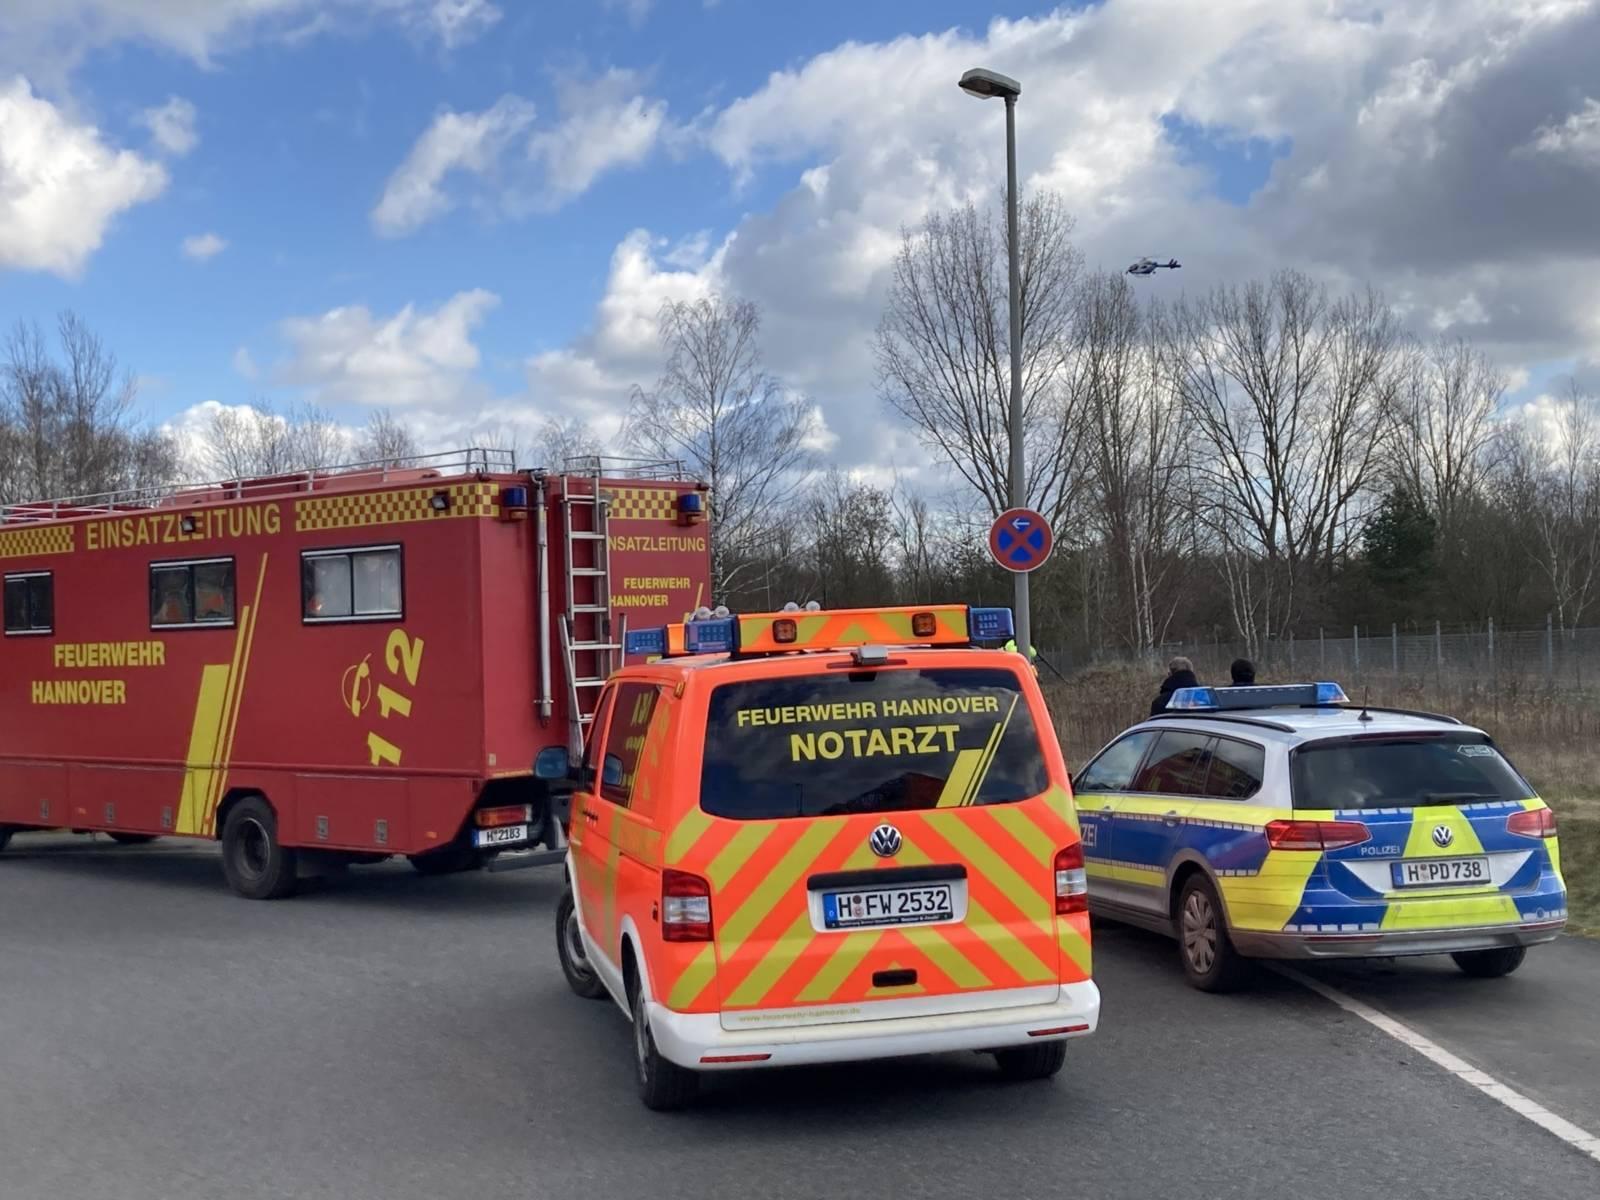 Zwei Autos der Feuerwehr und ein Auto der Polizei